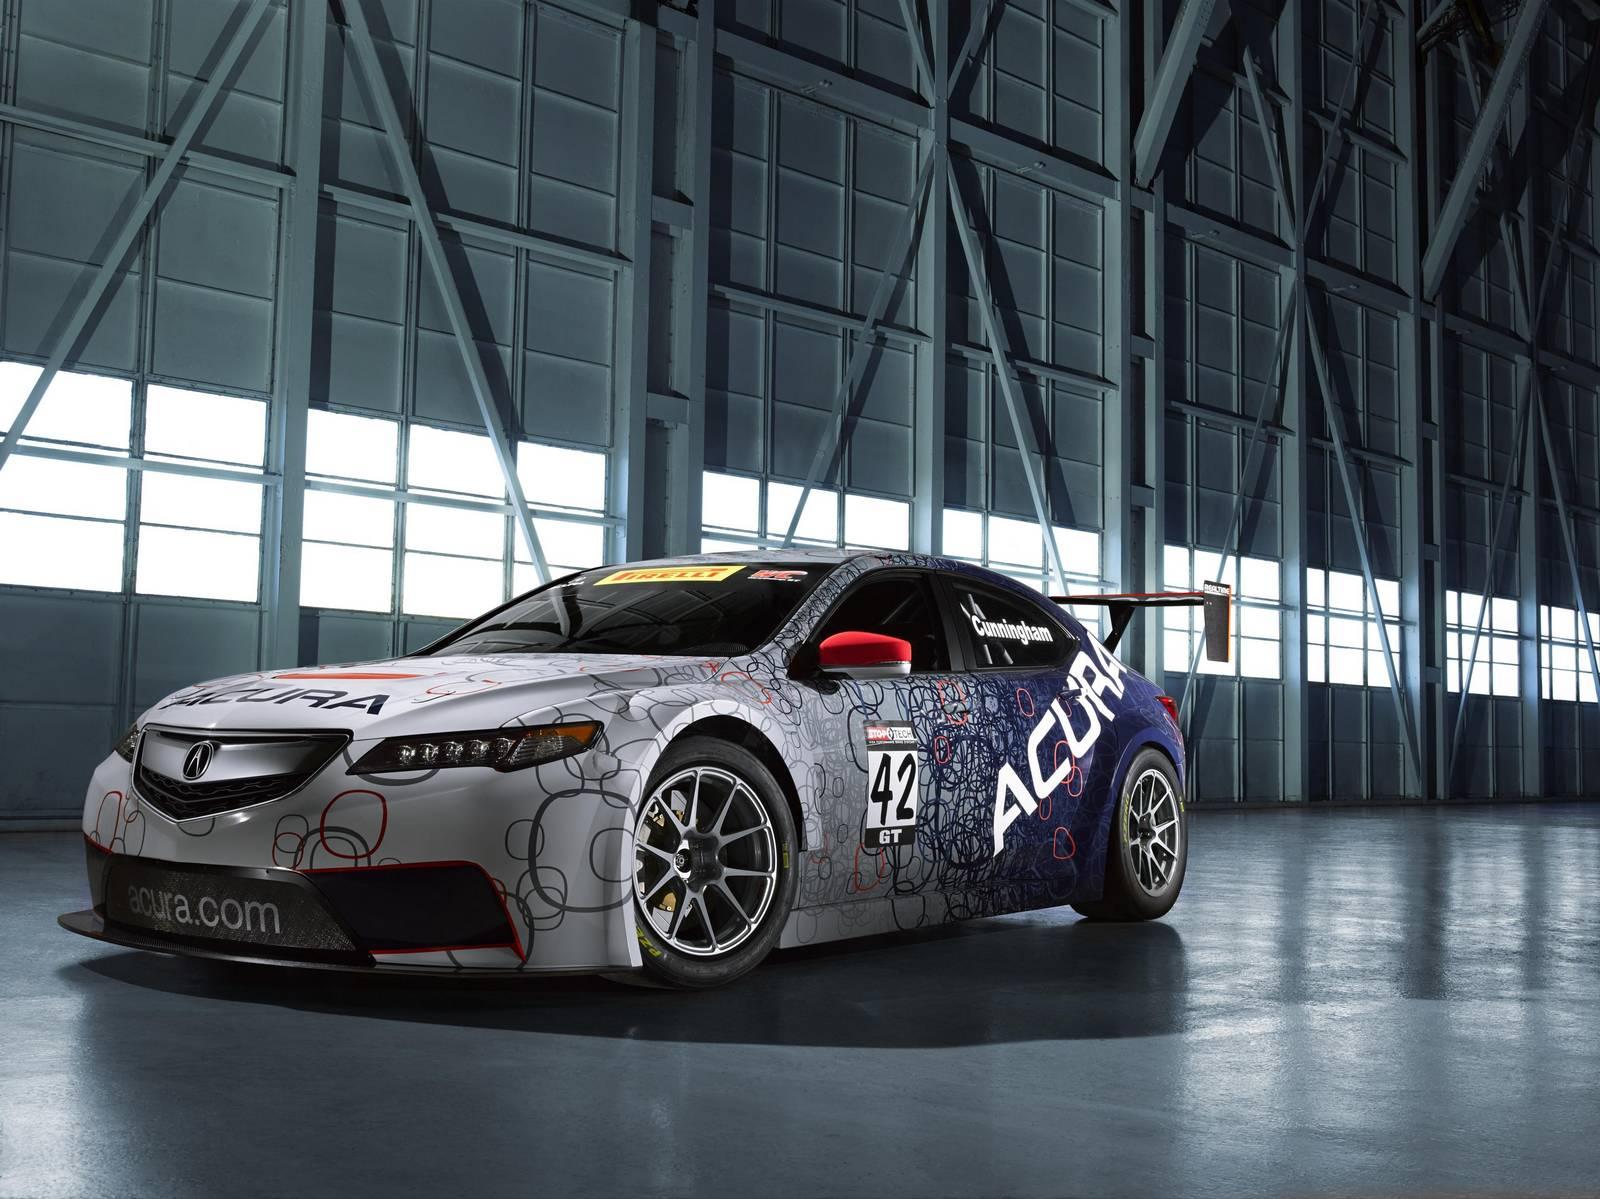 Official: 2015 Acura TLX GT Race Car - GTspirit